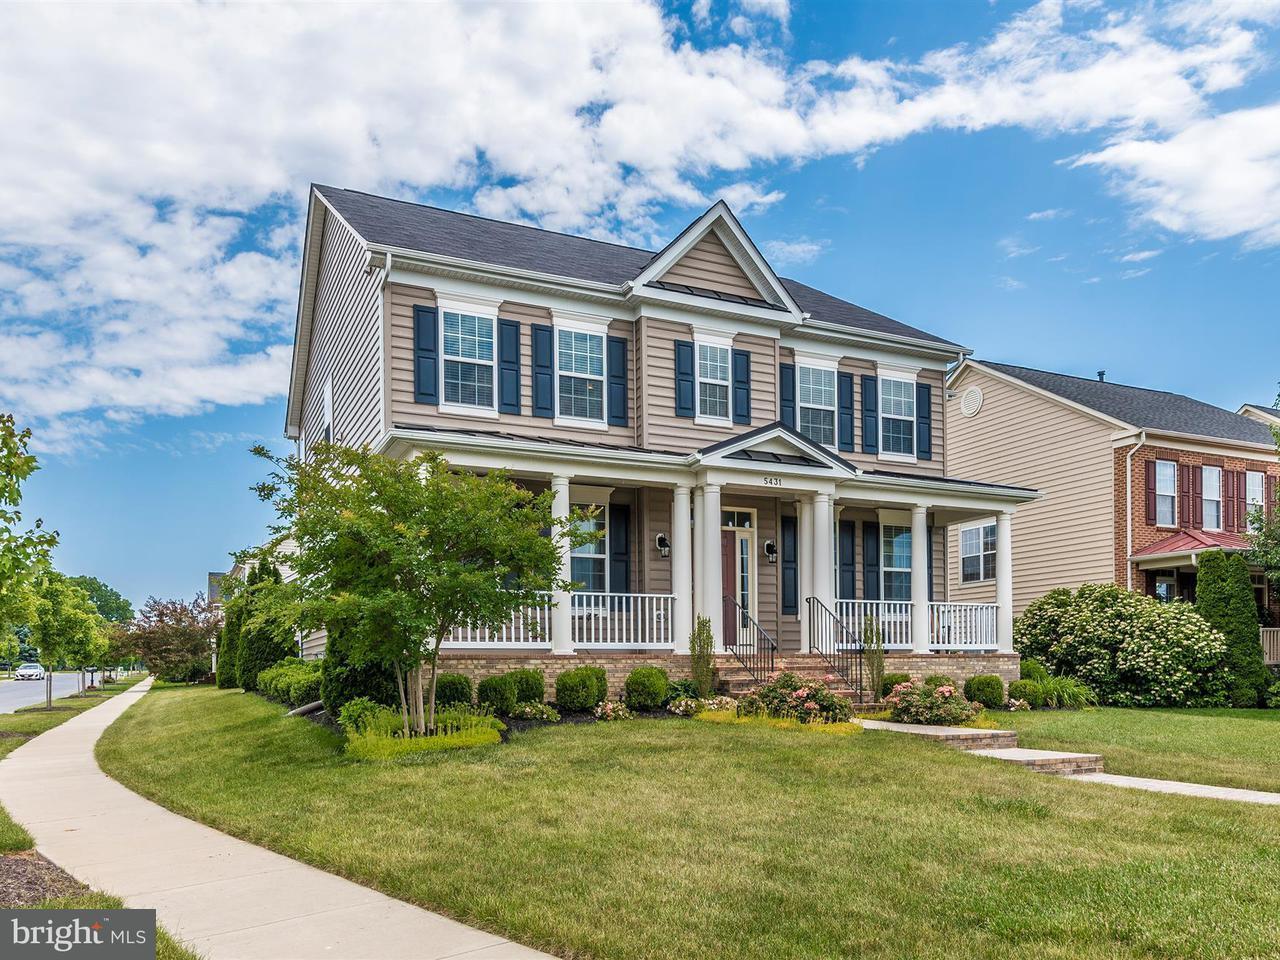 一戸建て のために 売買 アット 5431 LOTT 5431 LOTT Adamstown, メリーランド 21710 アメリカ合衆国